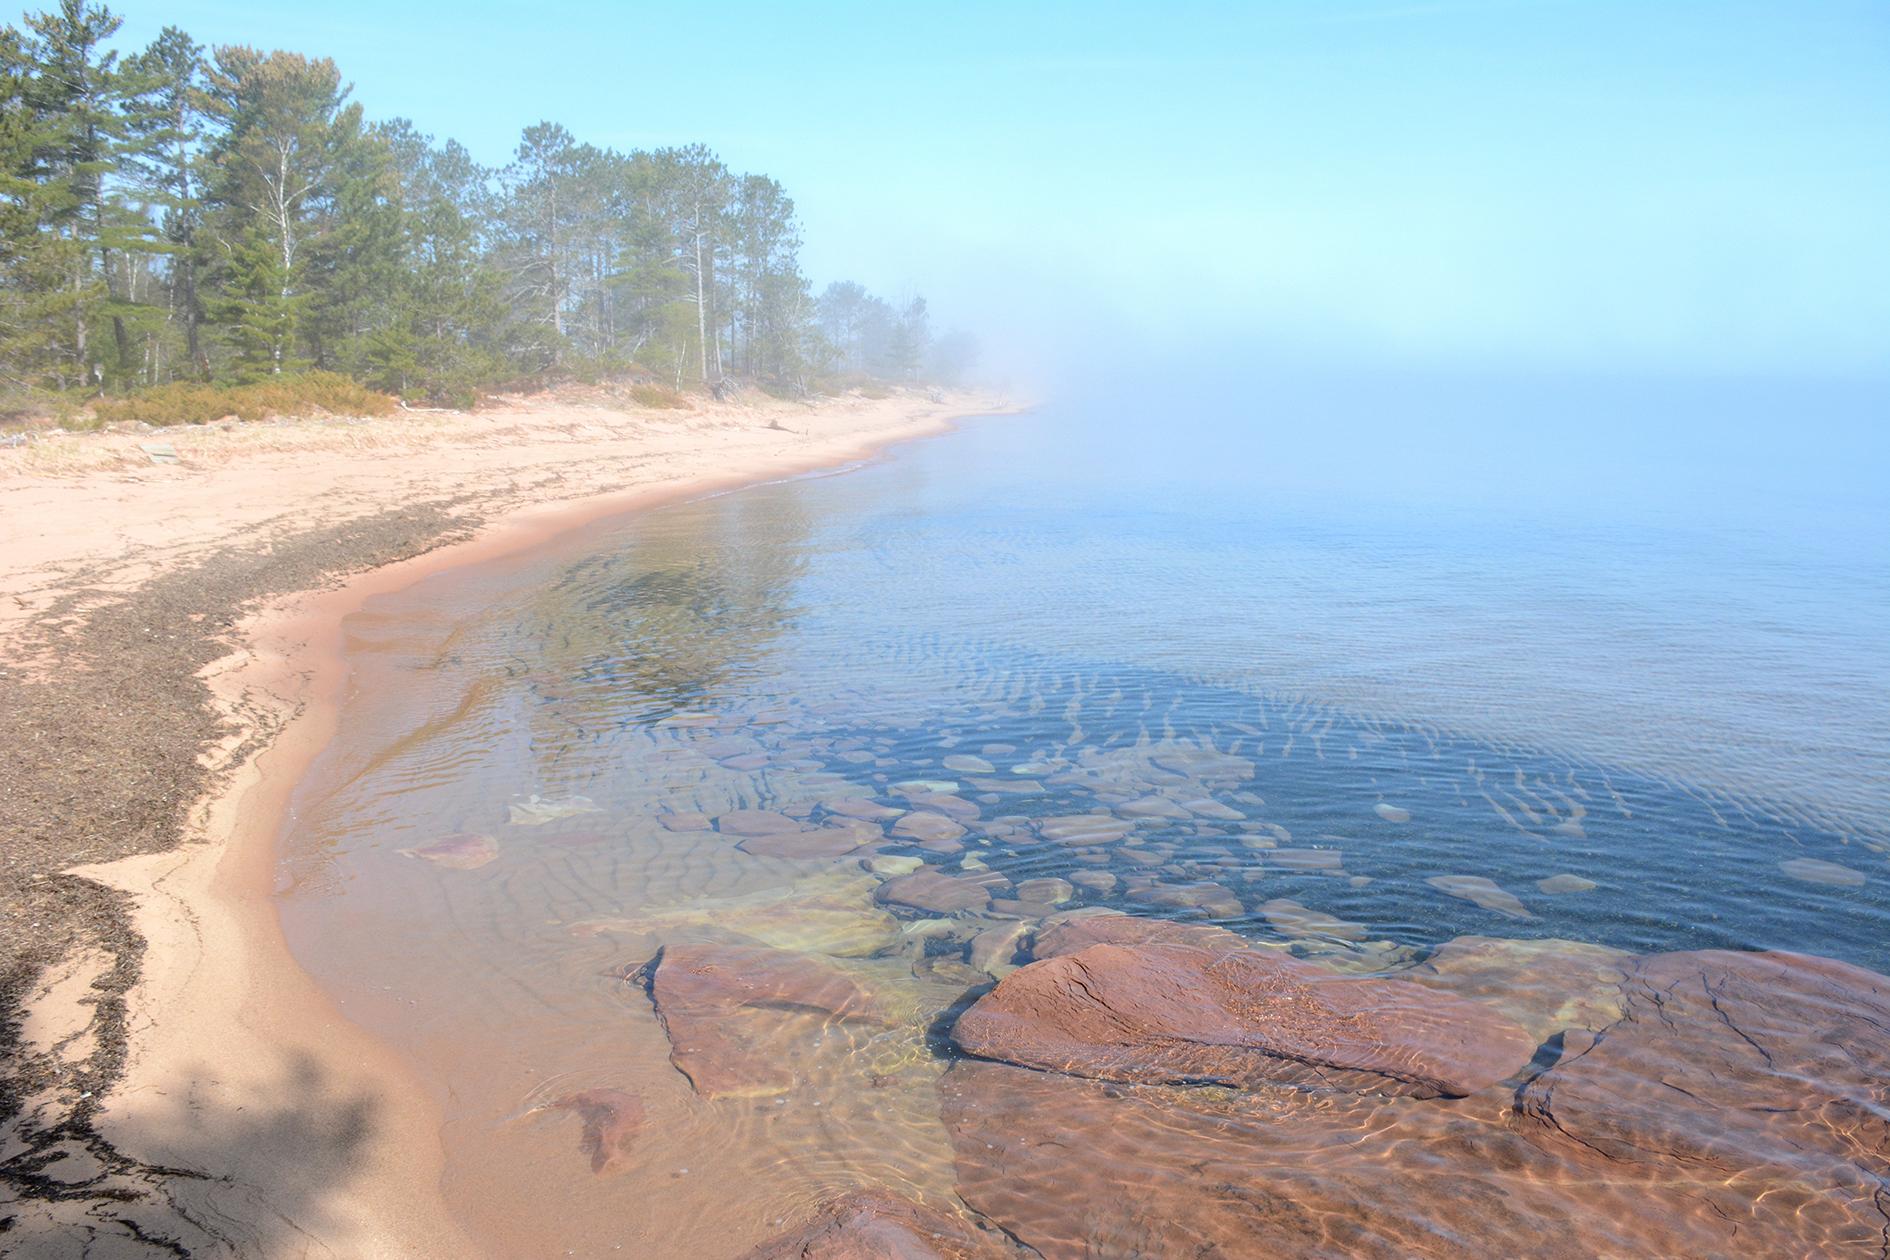 2015-05-16_stocktonisland_beach-fog